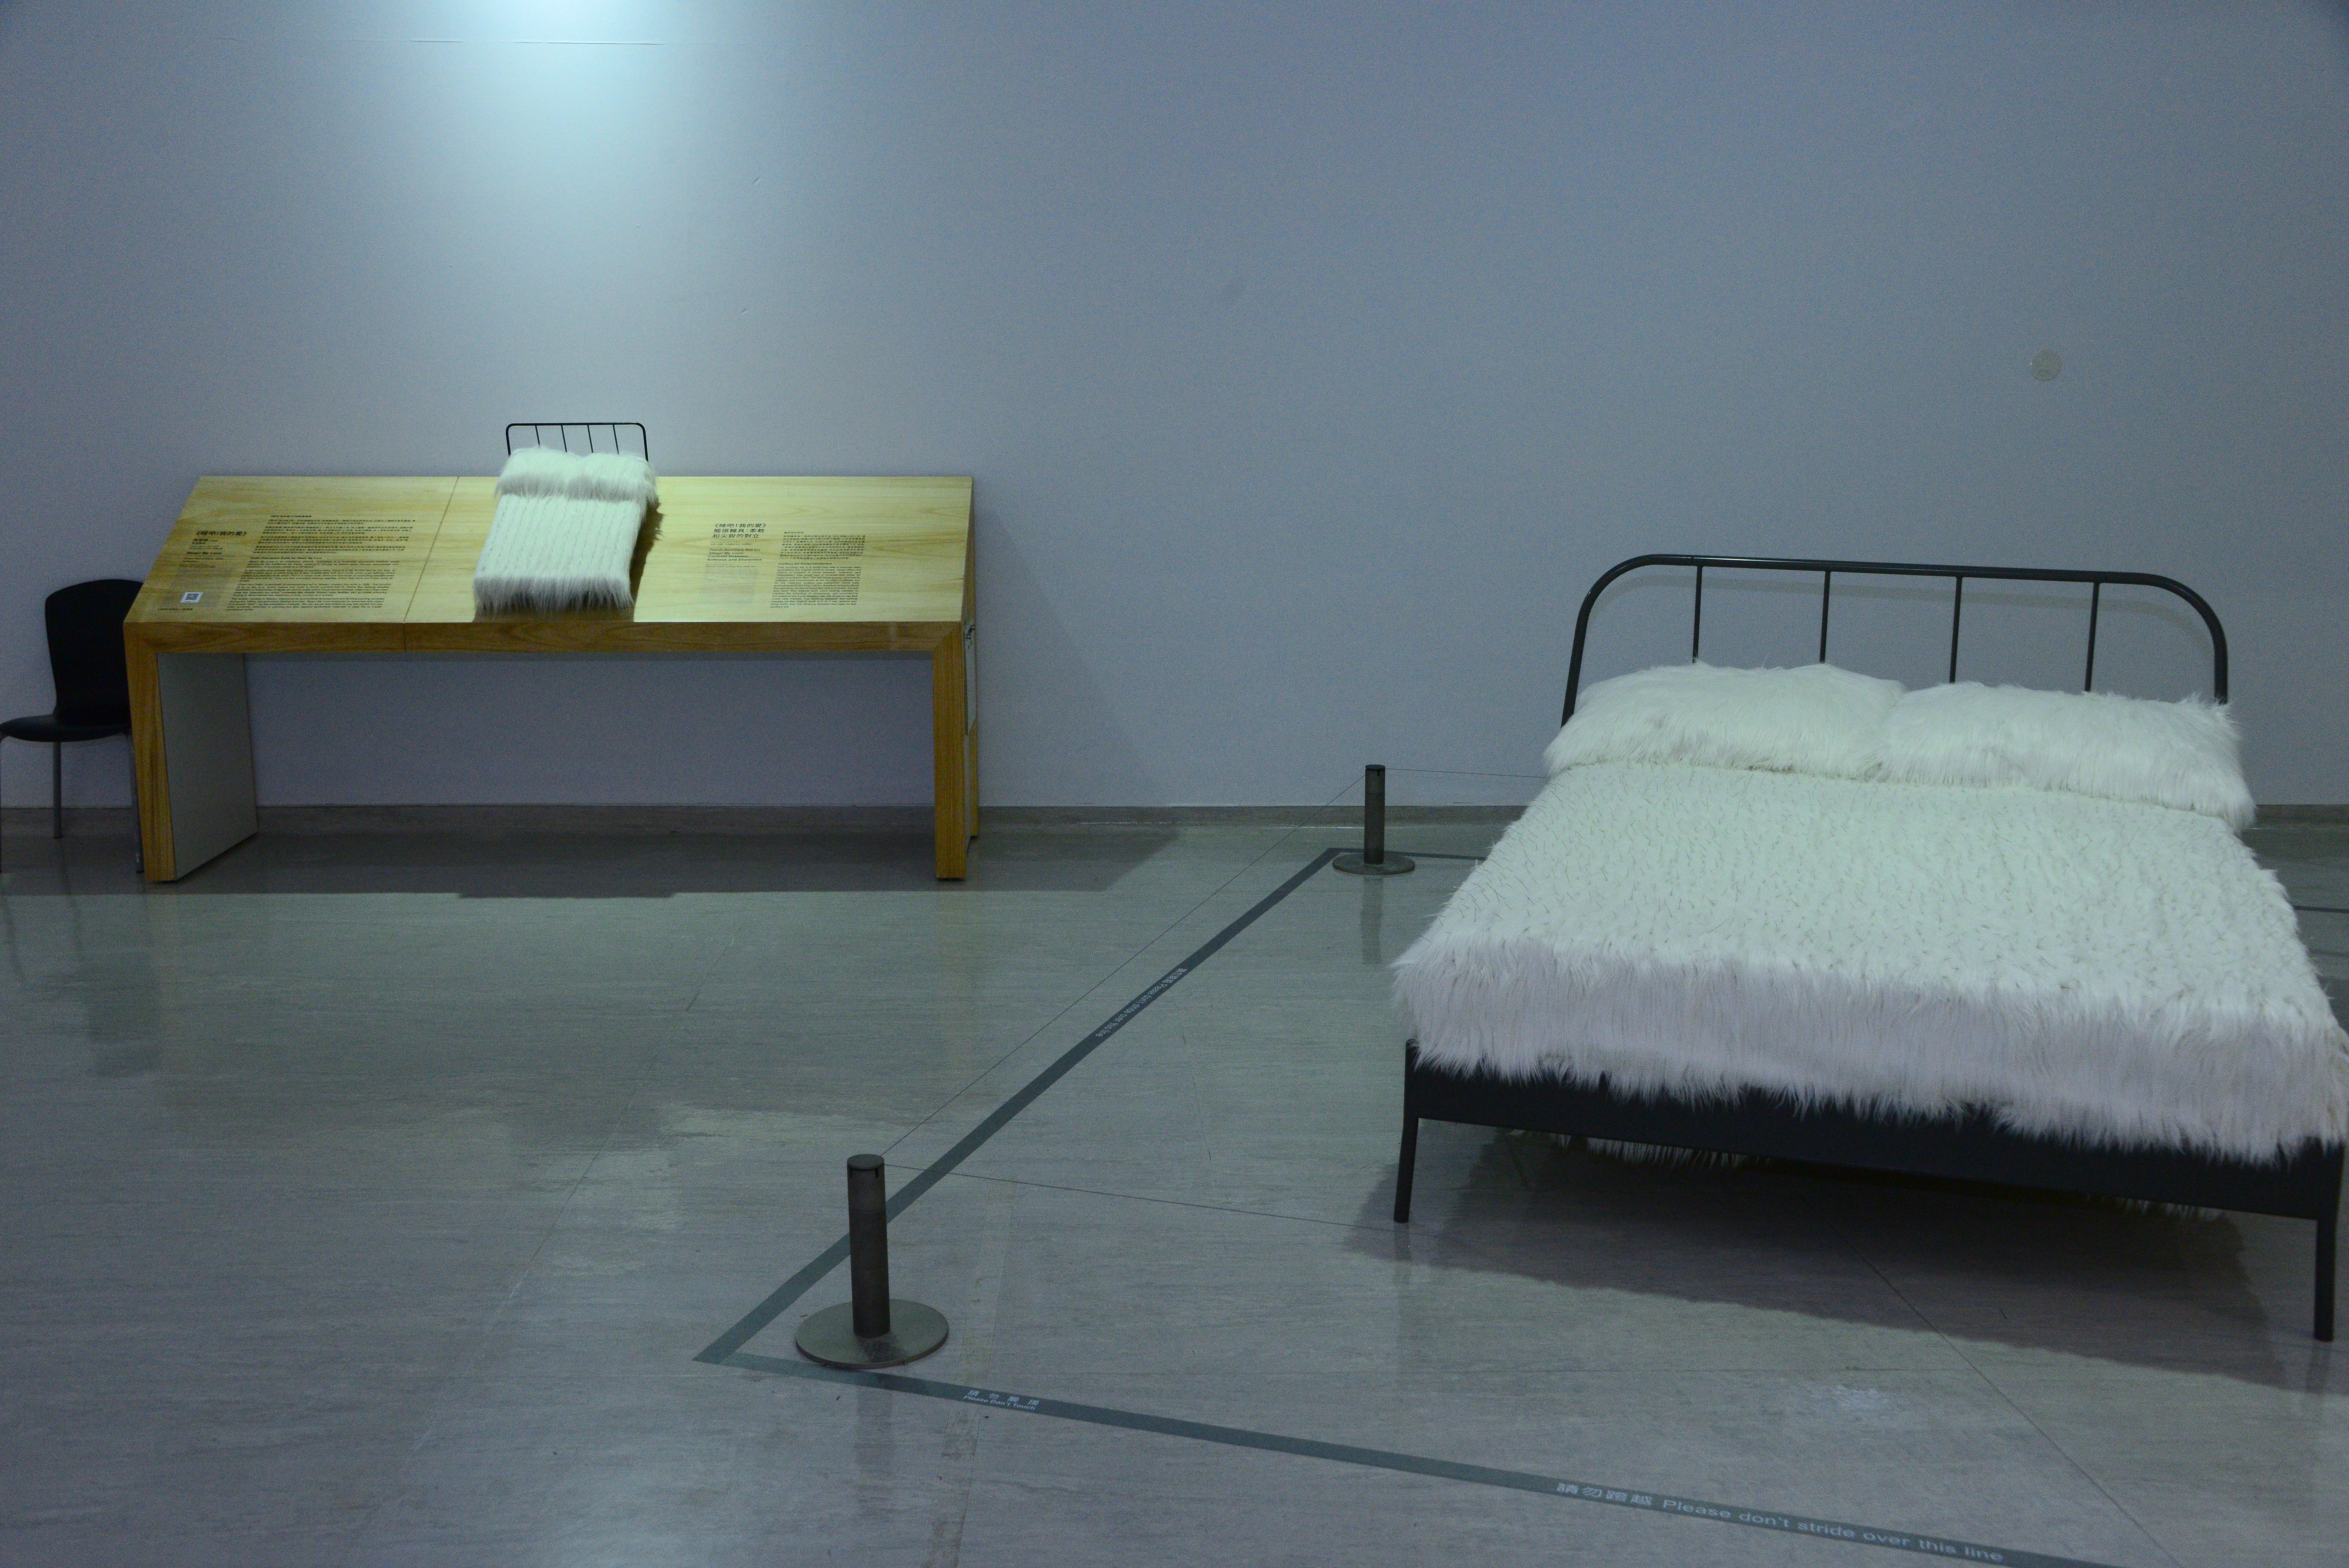 陳慧嶠《睡吧! 我的愛》裝置藝術作品及其原作的縮尺觸摸輔具。(照片) 原作藝術家使用房屋裡重要的生活物件「床」作為裝置素材,凸顯80年代藝術家創作的多元性,並提供民眾一個親身觸摸柔軟與尖銳對立並存的體感,觸發其觀念的多角萌生。